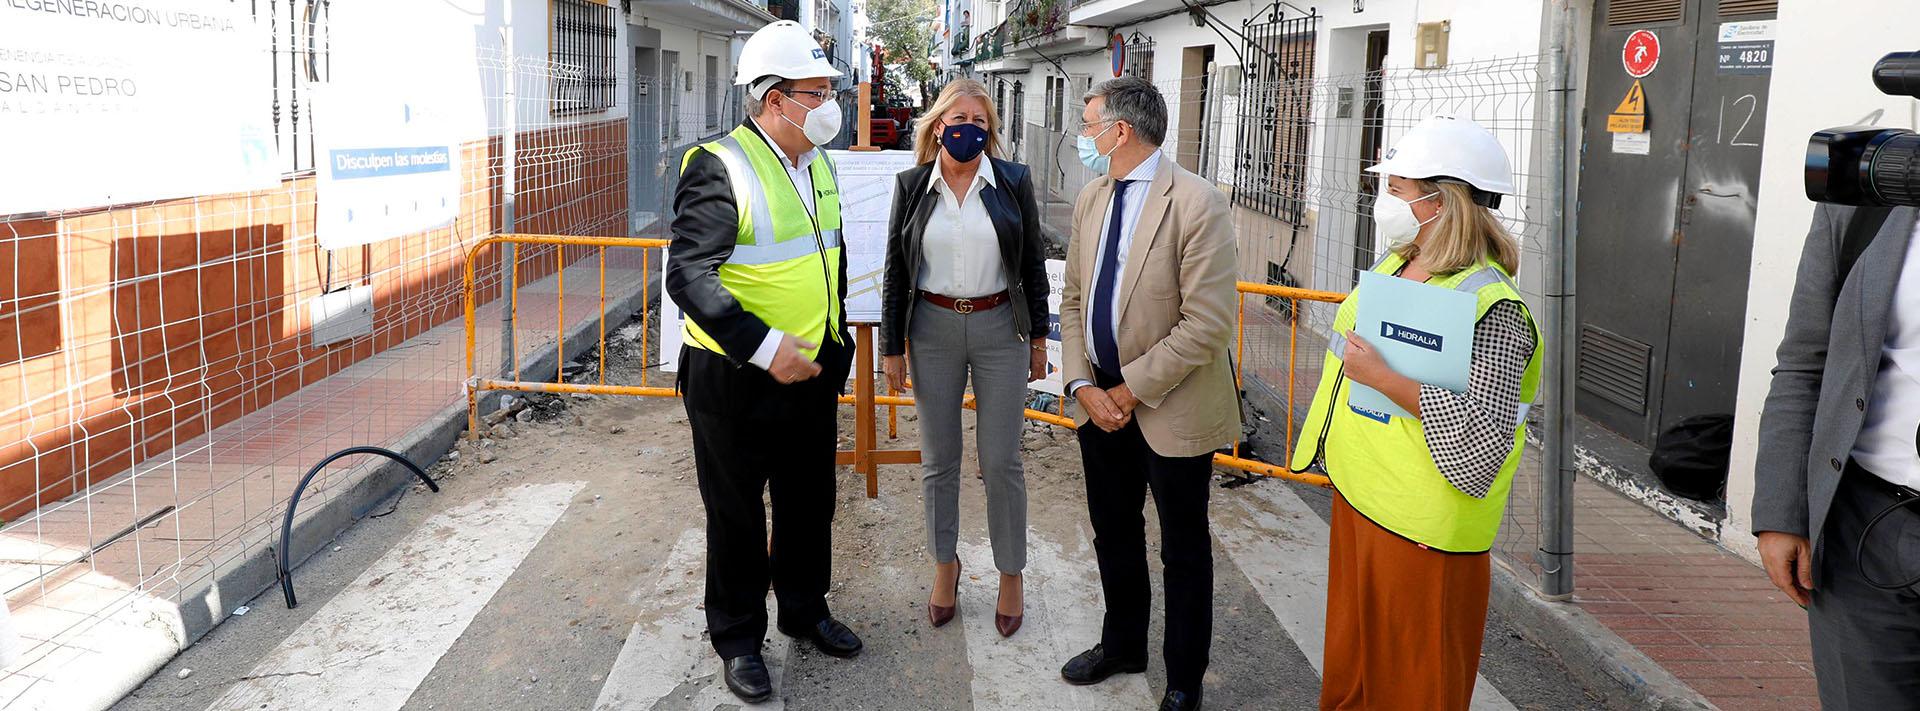 Continúan las obras en el barrio de Los Catalanes